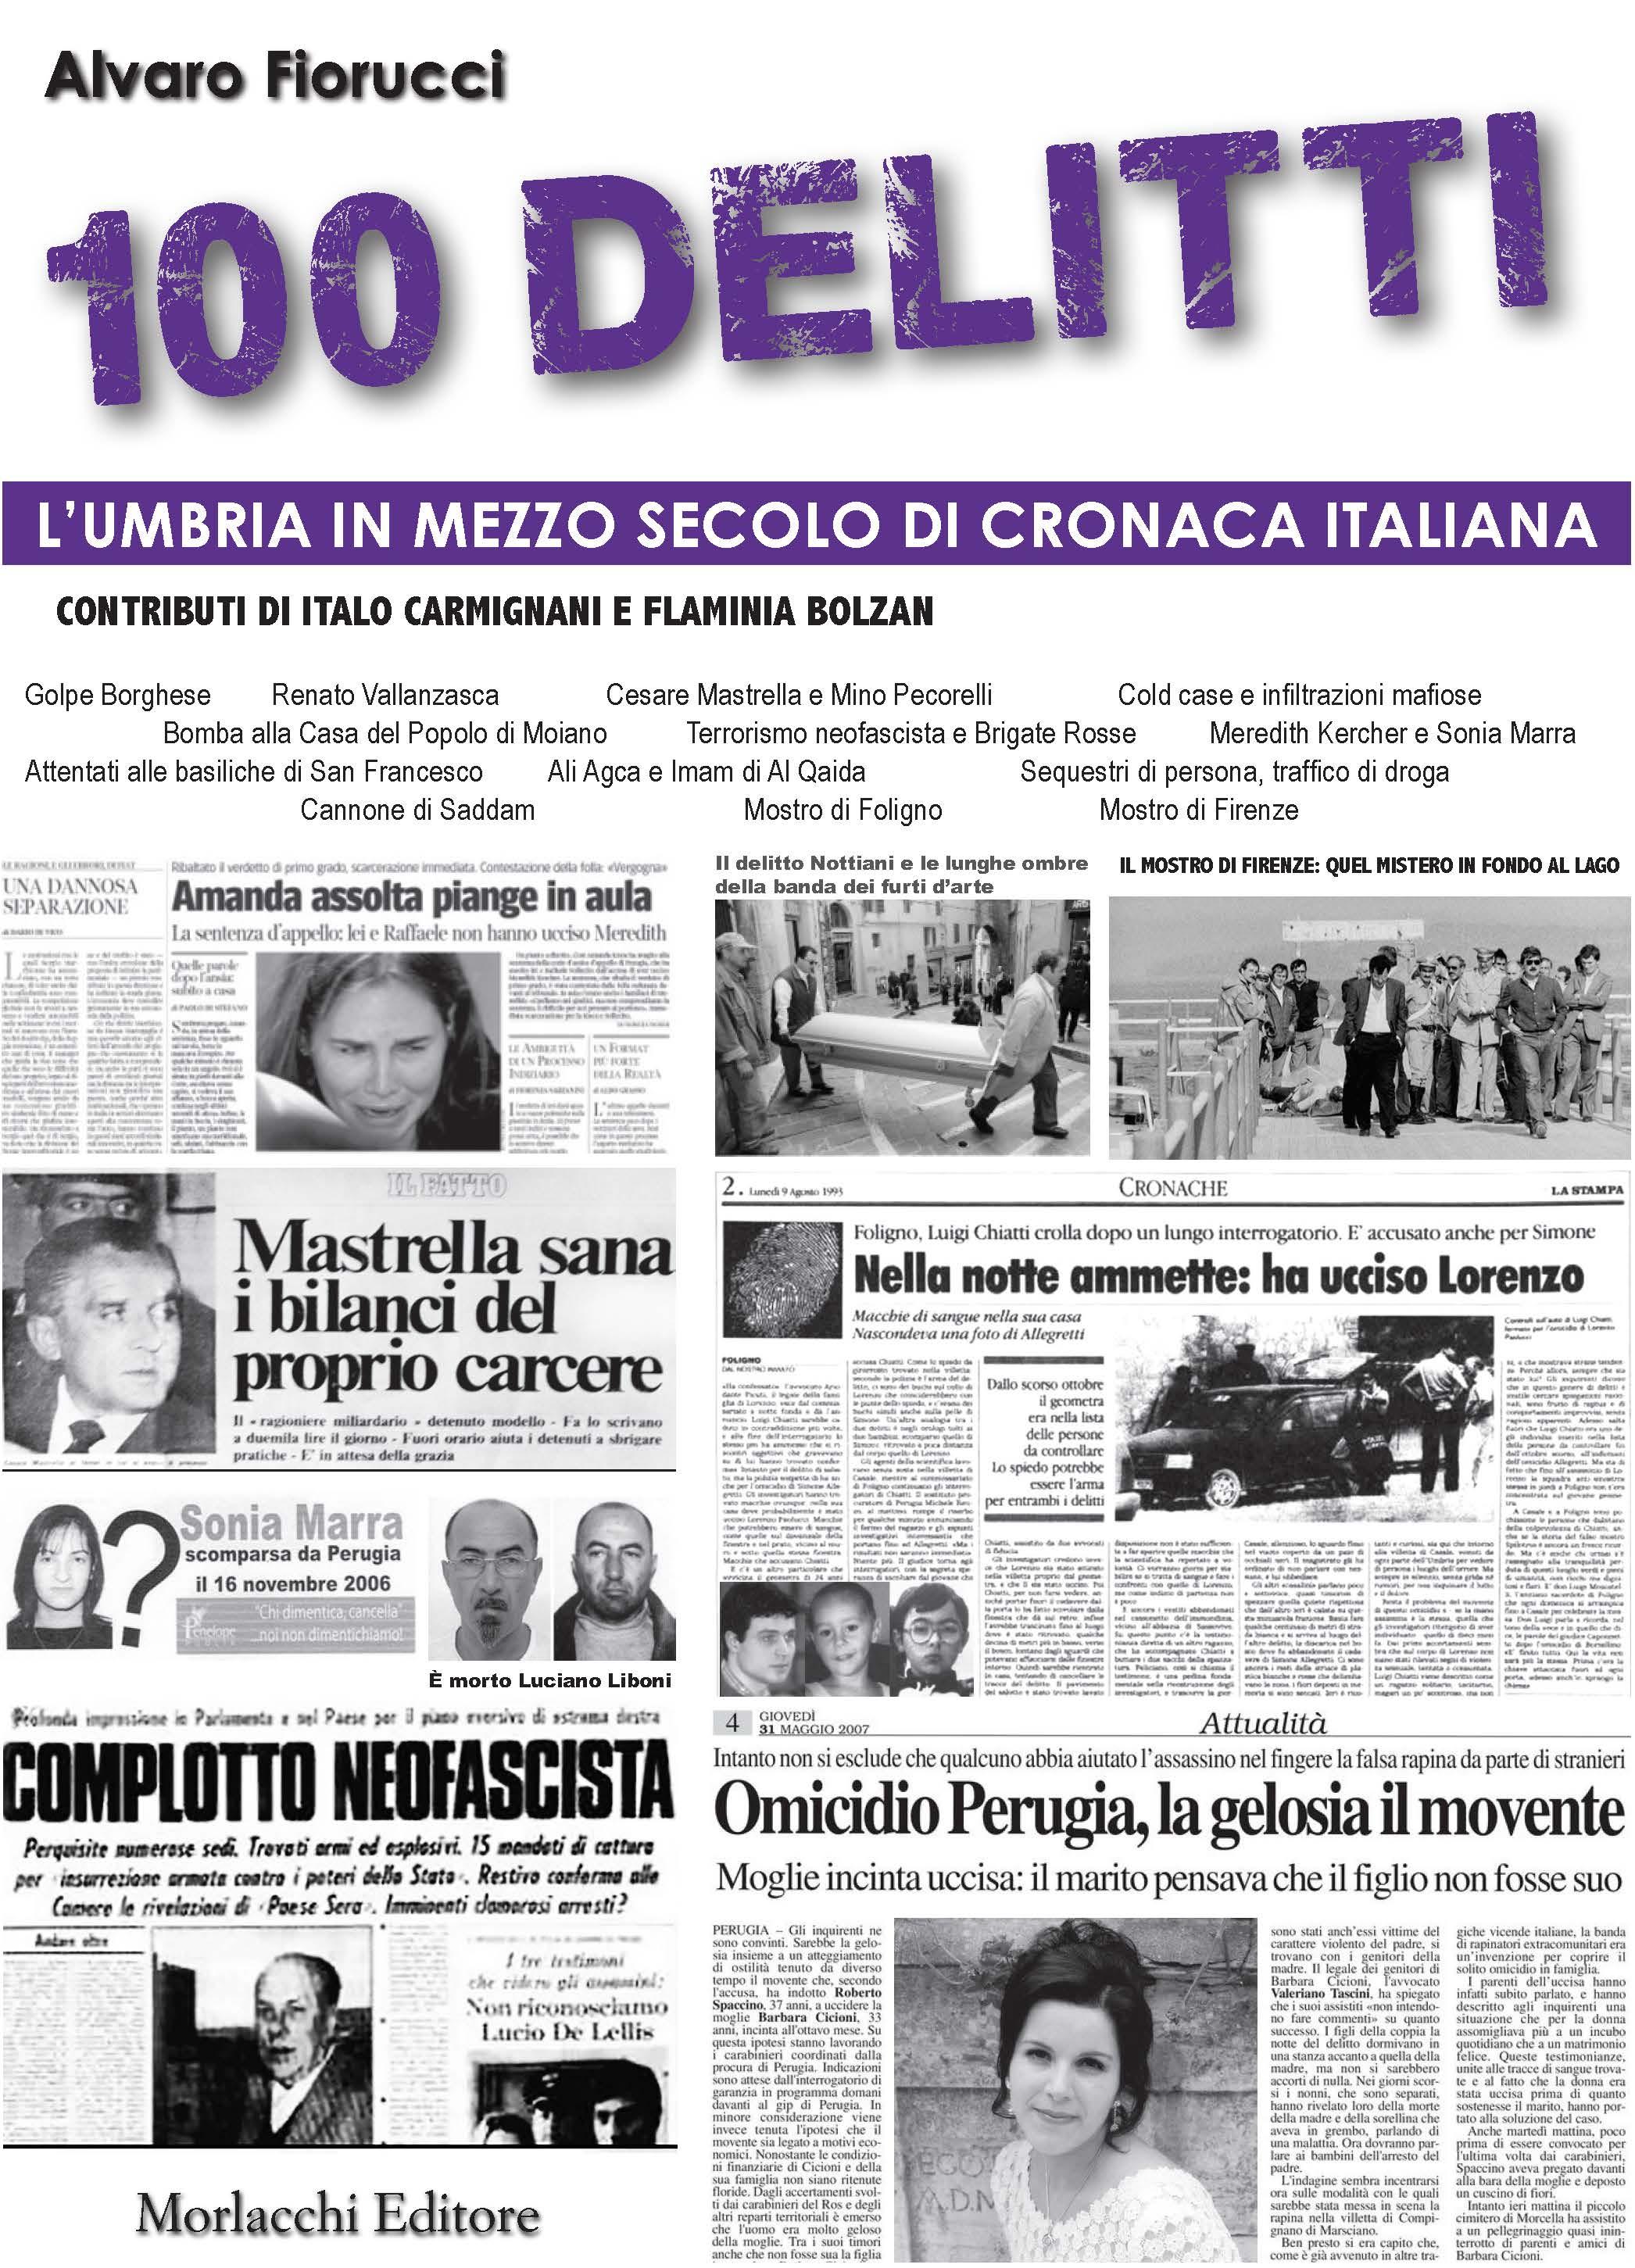 Cronache dall'Umbria